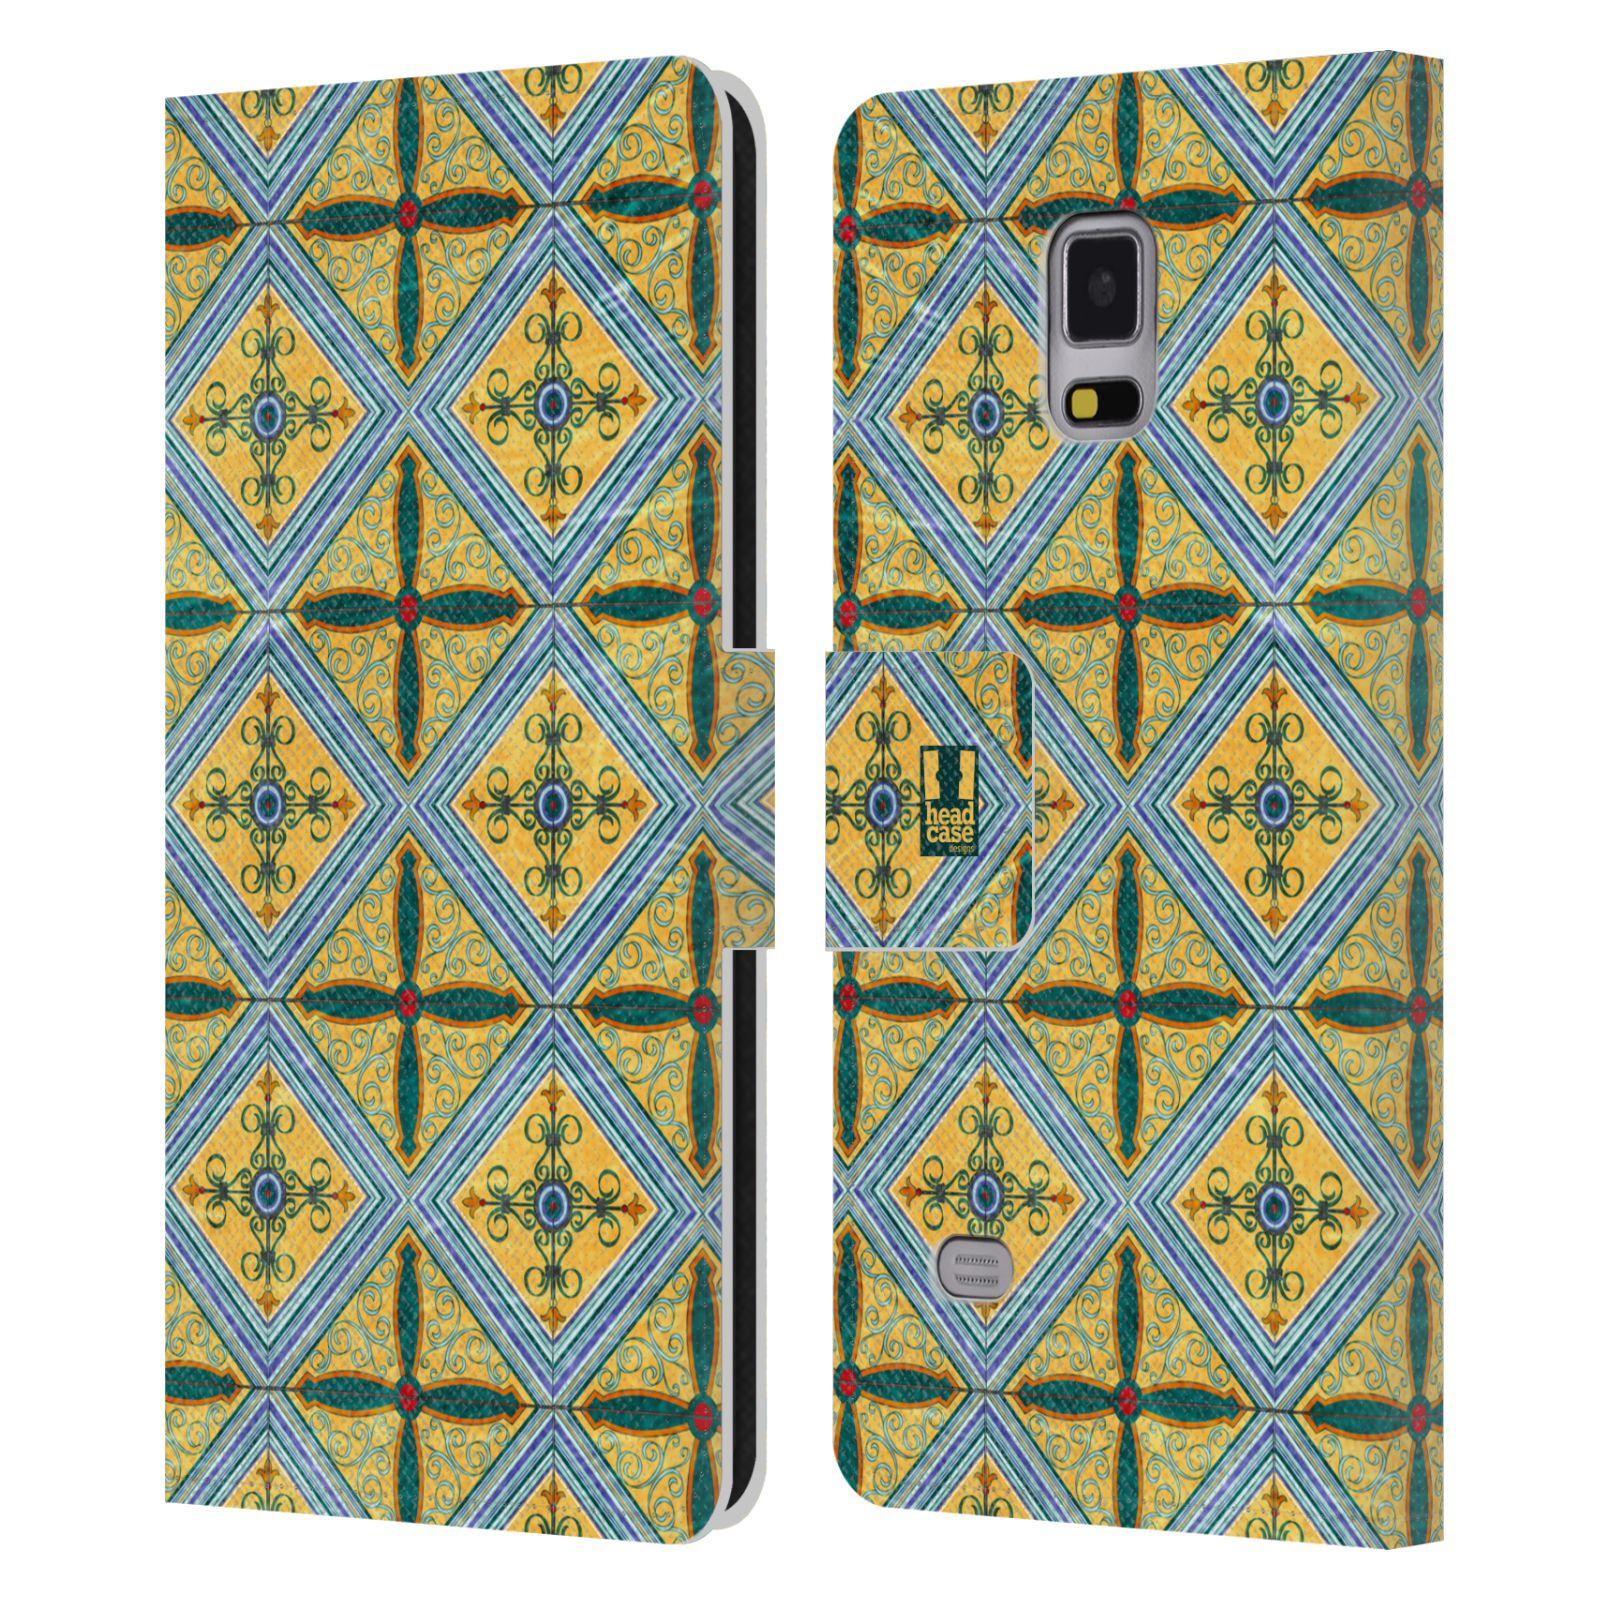 HEAD CASE Flipové pouzdro pro mobil Samsung Galaxy Note 4 ARABESKA CERAMIC žlutá